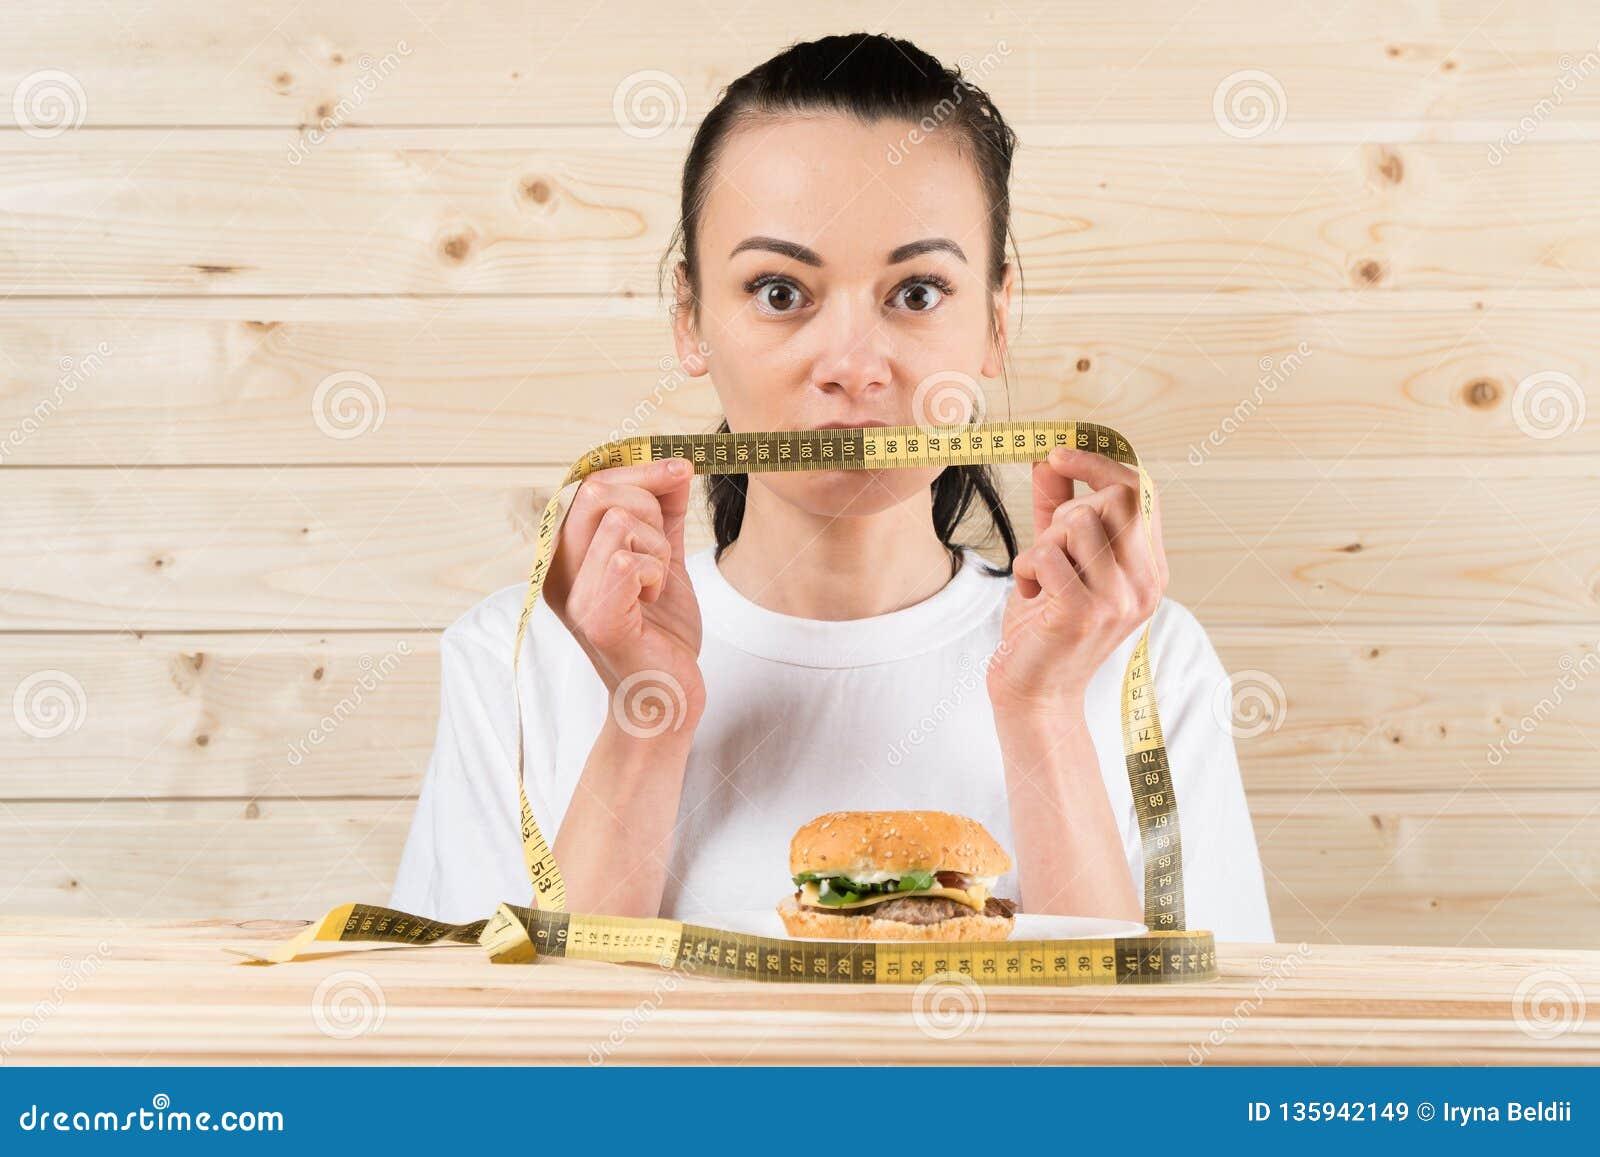 dieta paquistaní para bajar de peso